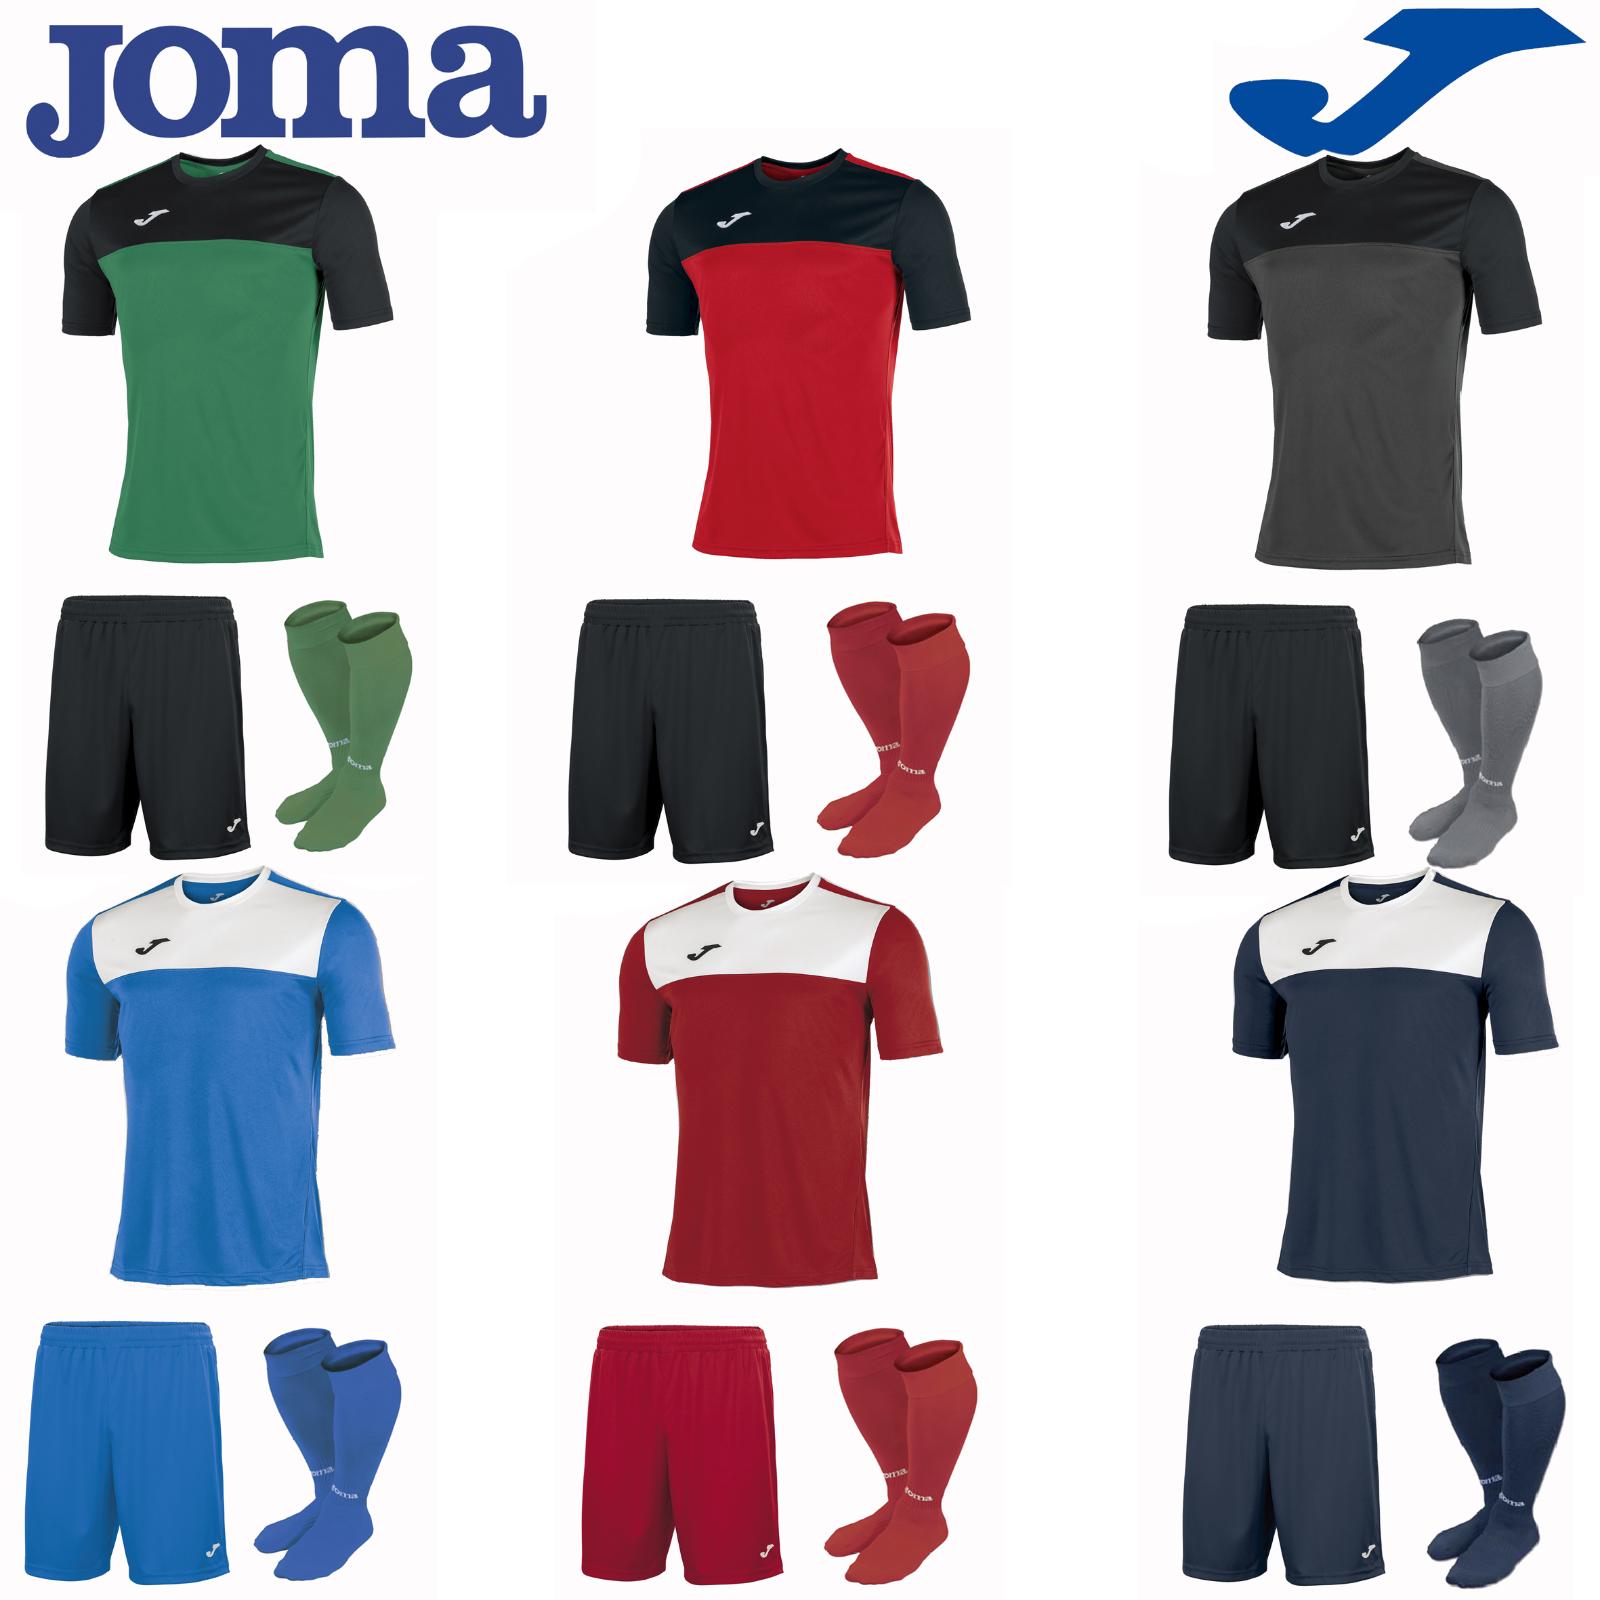 JOMA Completo Calcio Kit del Team Sports Striscia Calze da Uomo Camicie Di Formazione Pantaloncini